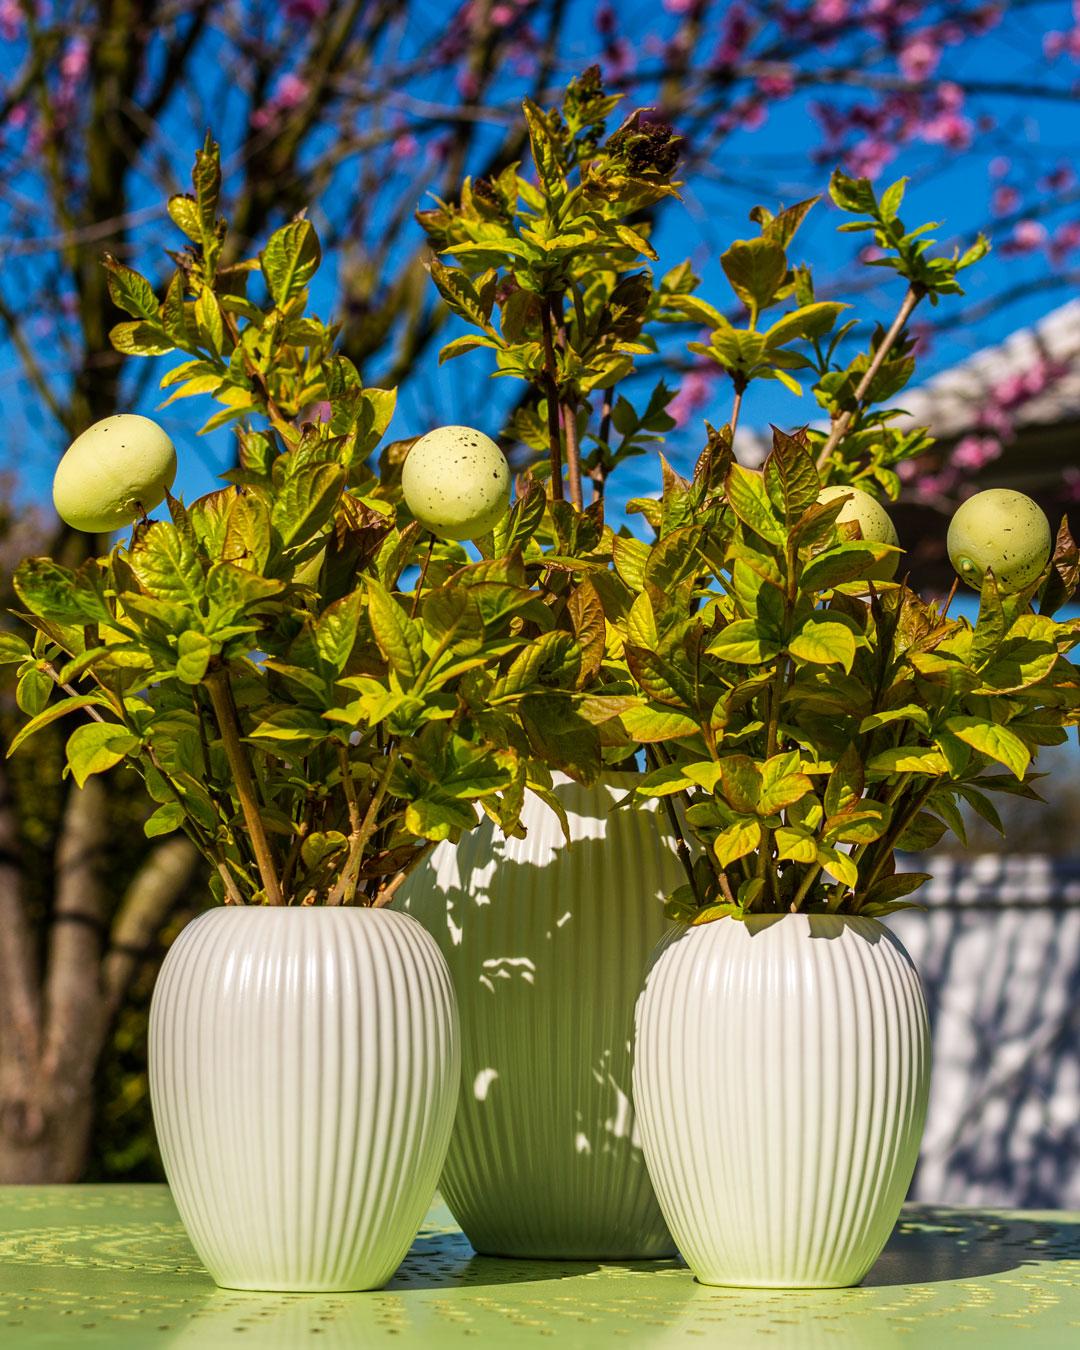 Hvide vaser fra Michael Andersen med grene og påskeæg på lysegrønt havebord foran tepavillon og ferskenblomsttræ